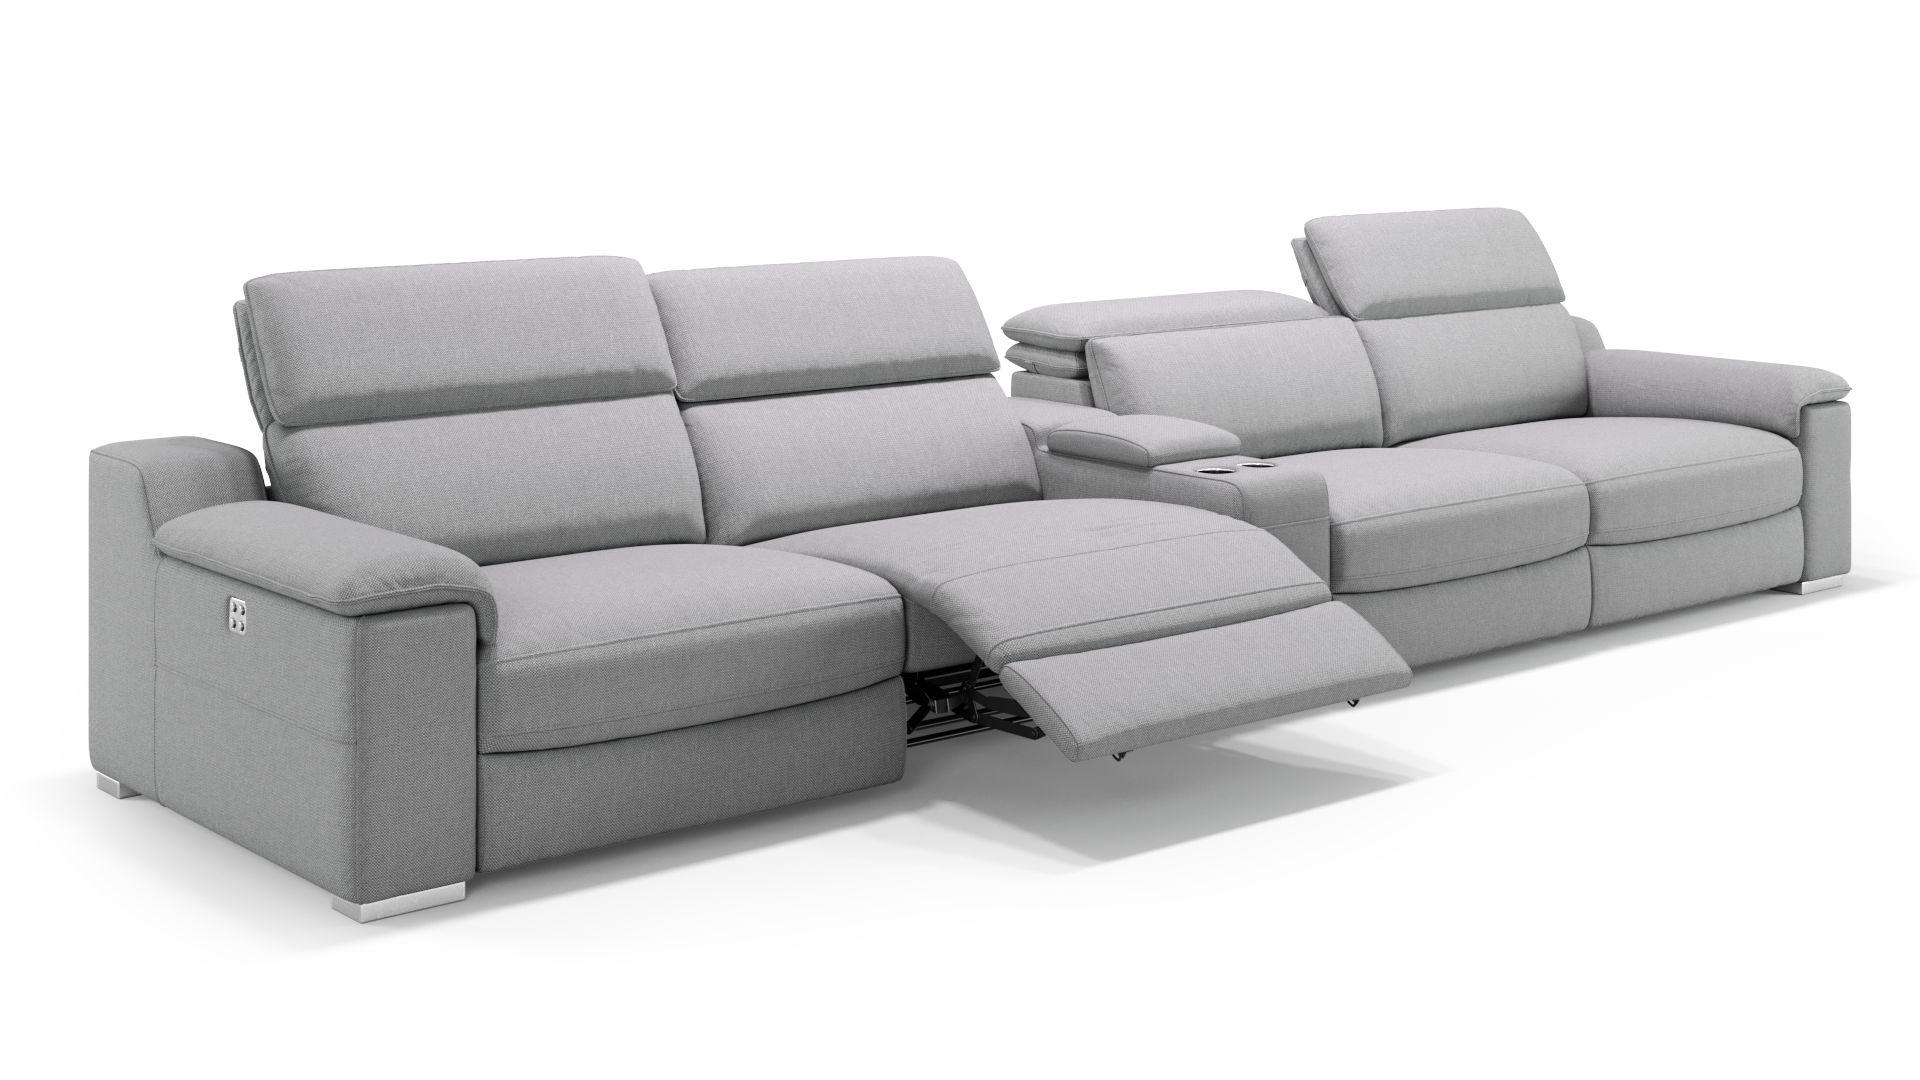 Stoff 4-Sitzer Kinosofa mit einer Mittelkonsole MACELLO